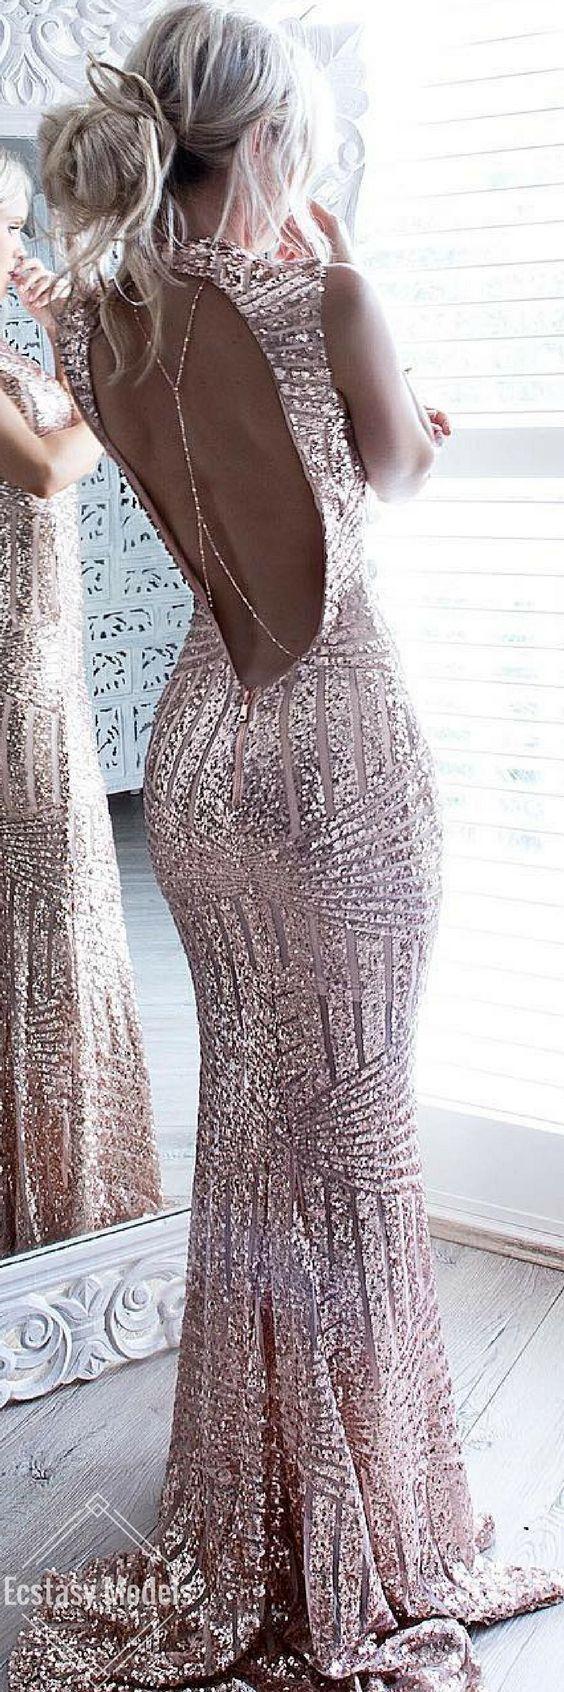 53 besten Kleider Bilder auf Pinterest | Abendkleider, Festliche ...